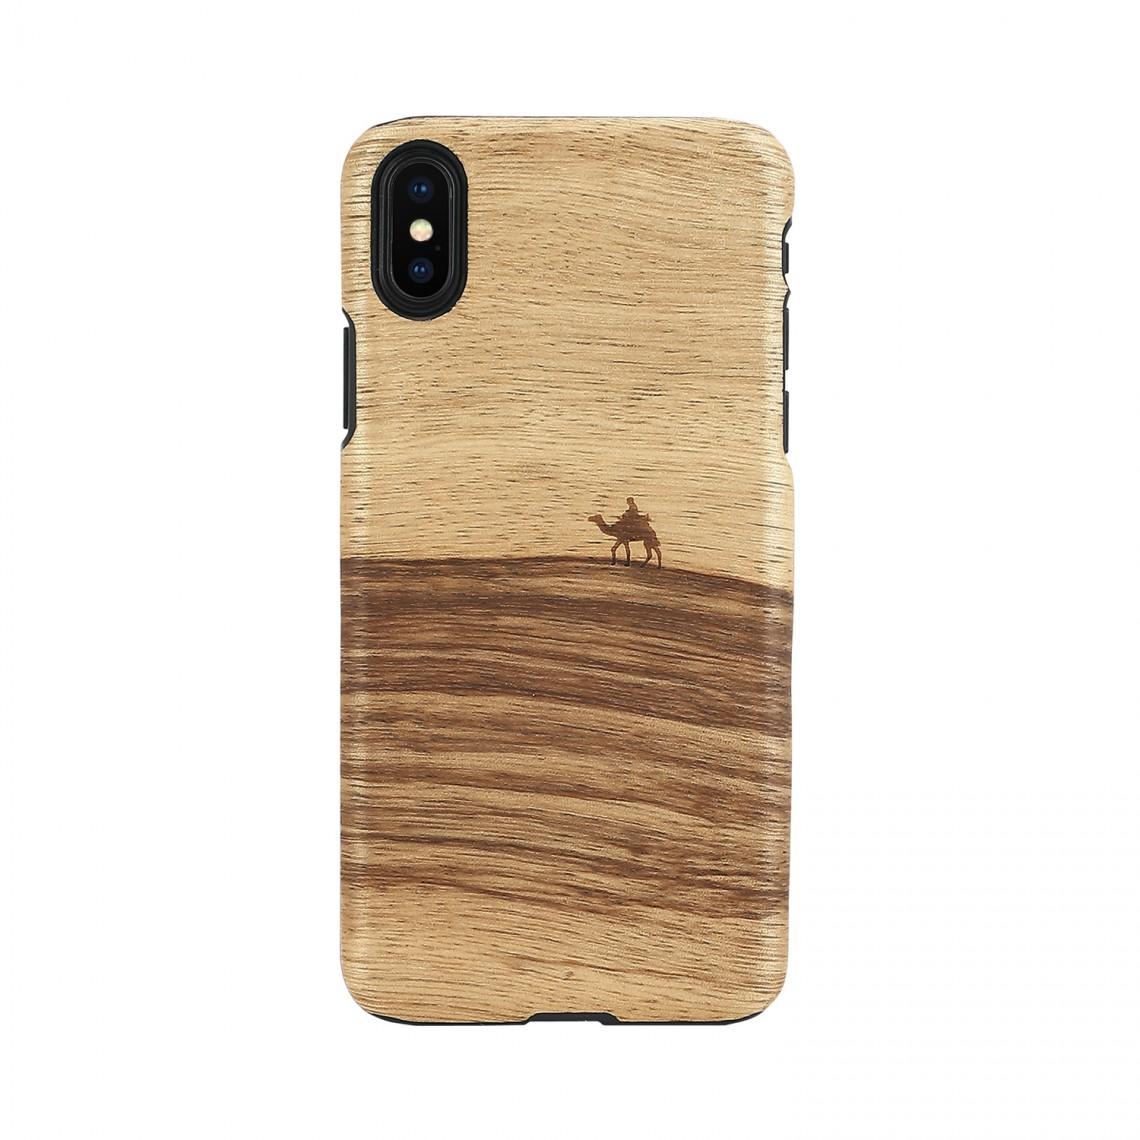 iPhone XS Max ケース 天然木 Man&Wood Terra(マンアンドウッド テラ)